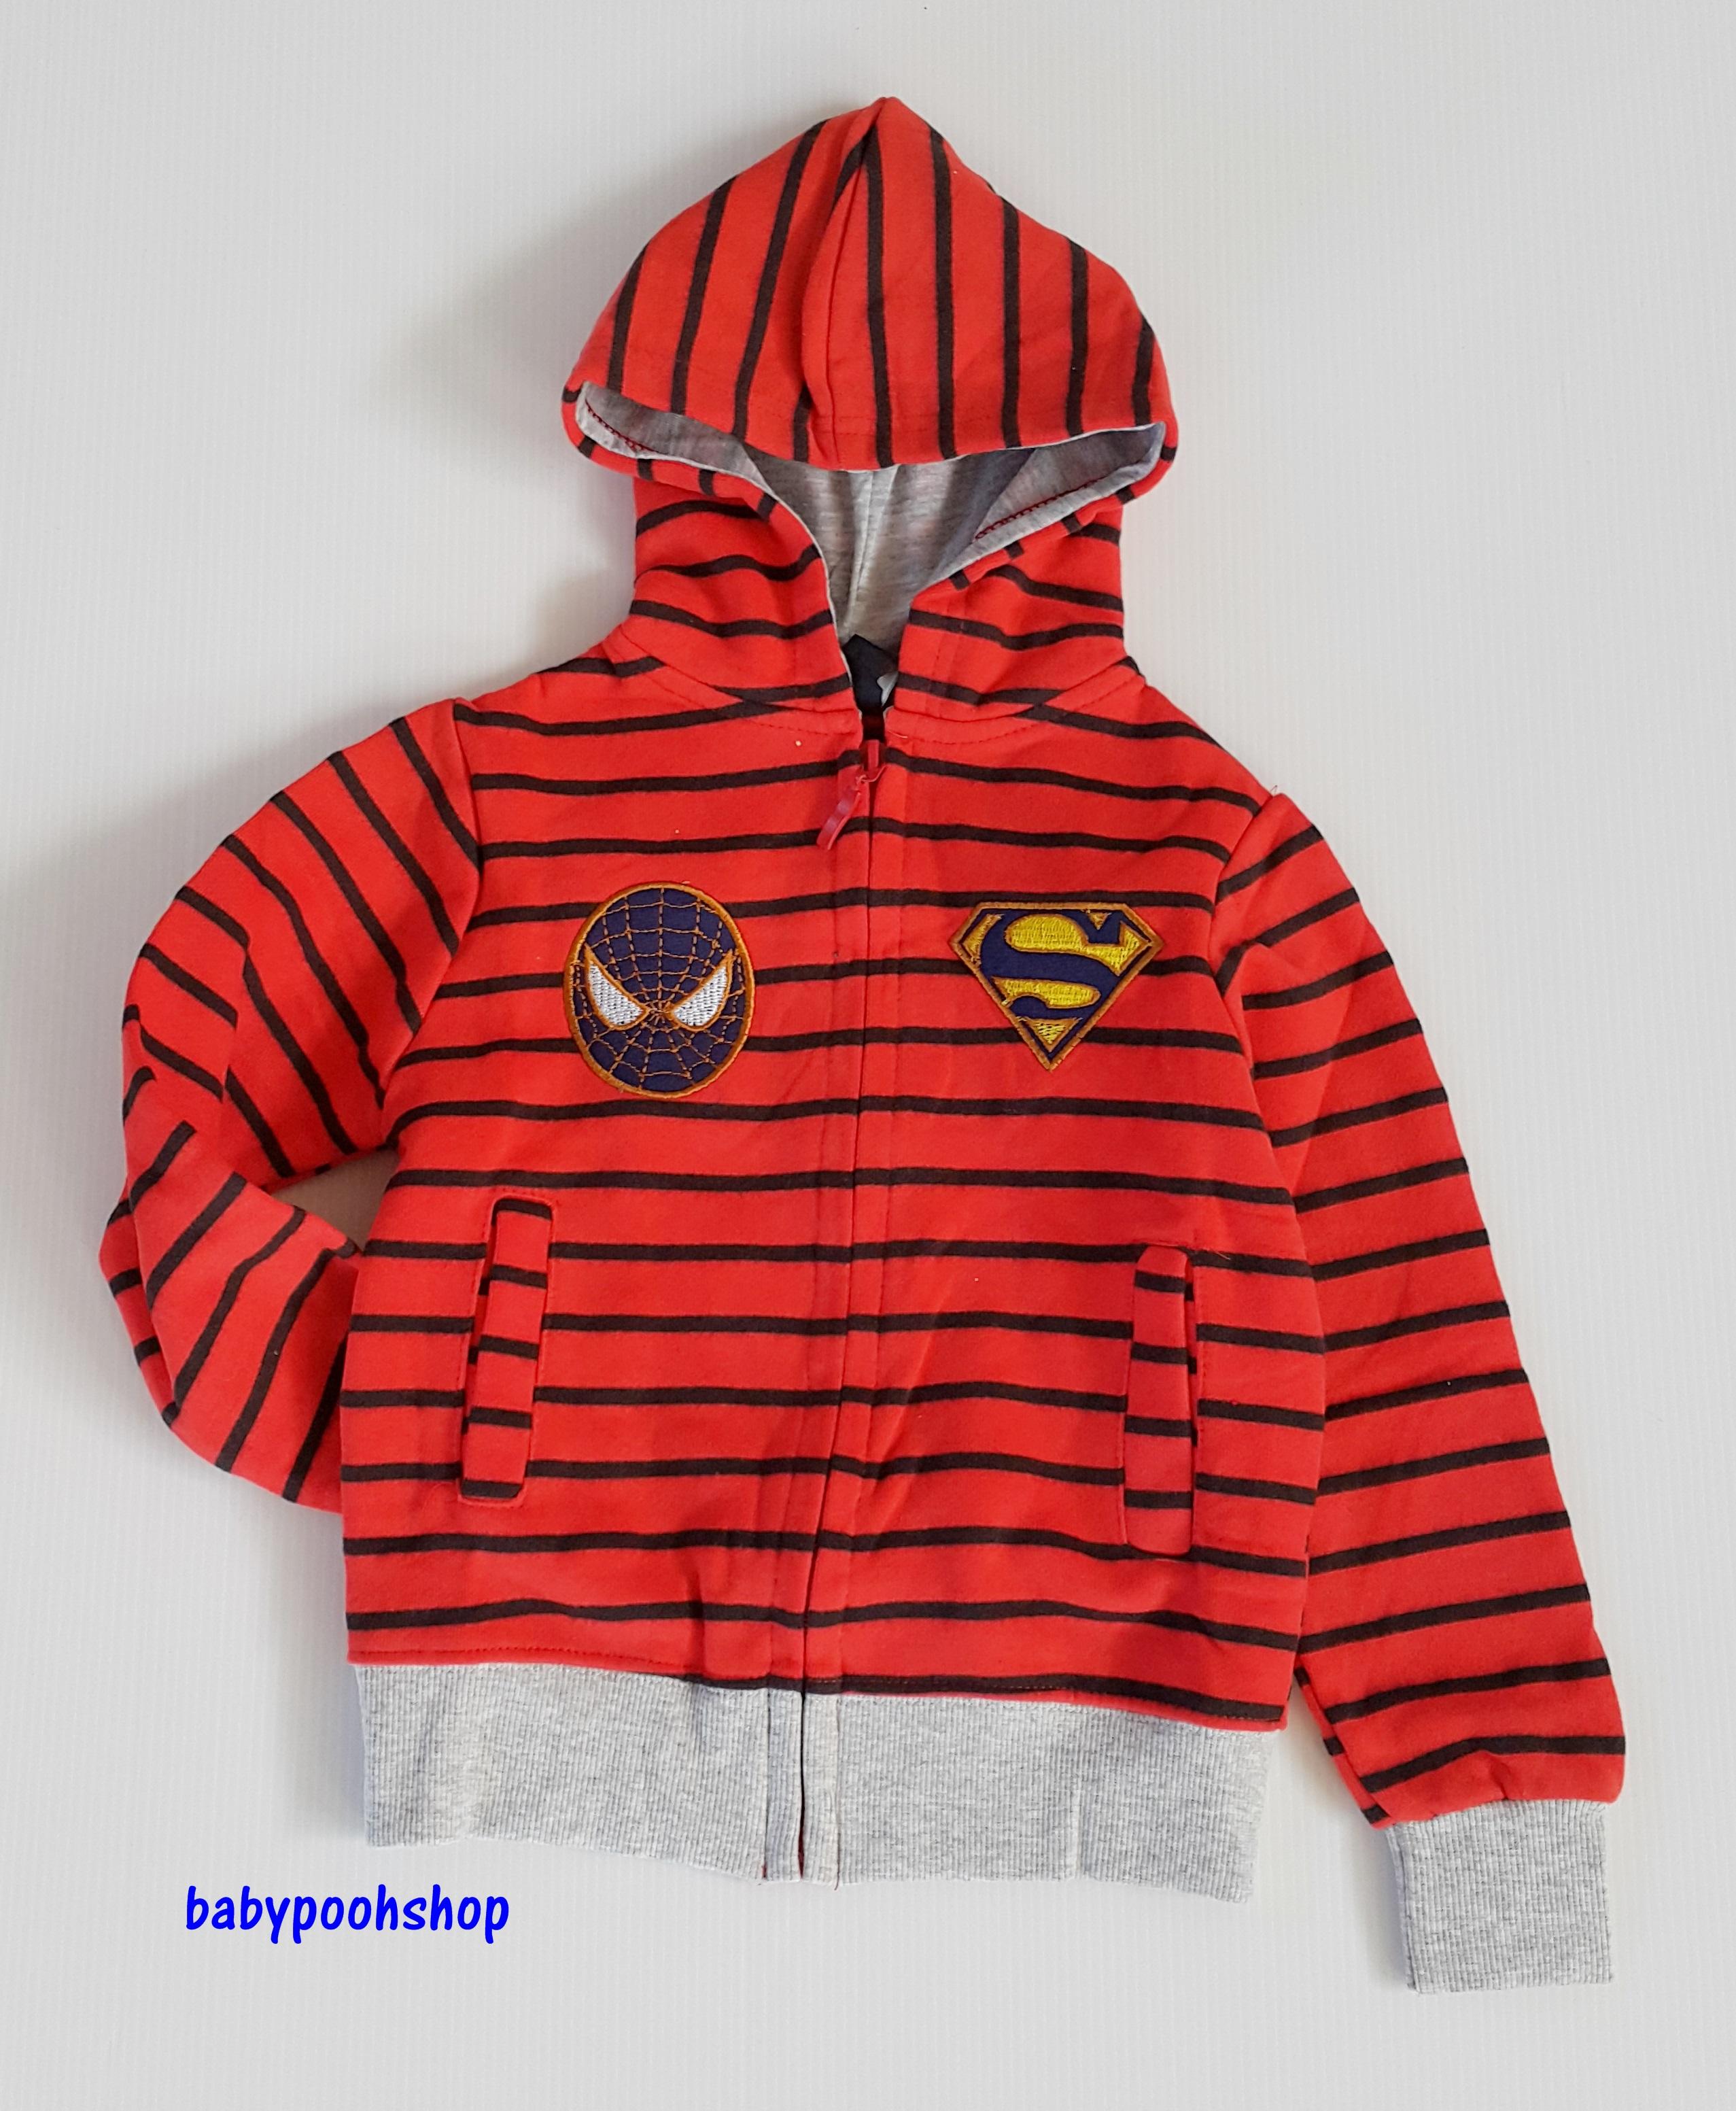 แจ็คเก็ทกันหนาว ซิปหน้า ลายขวาง ปักโลโก้ spiderman&superman สีส้มคาดน้ำเงิน size : 1y / 2y / 3y / 4y / 5y / 6y / 7y / 8y